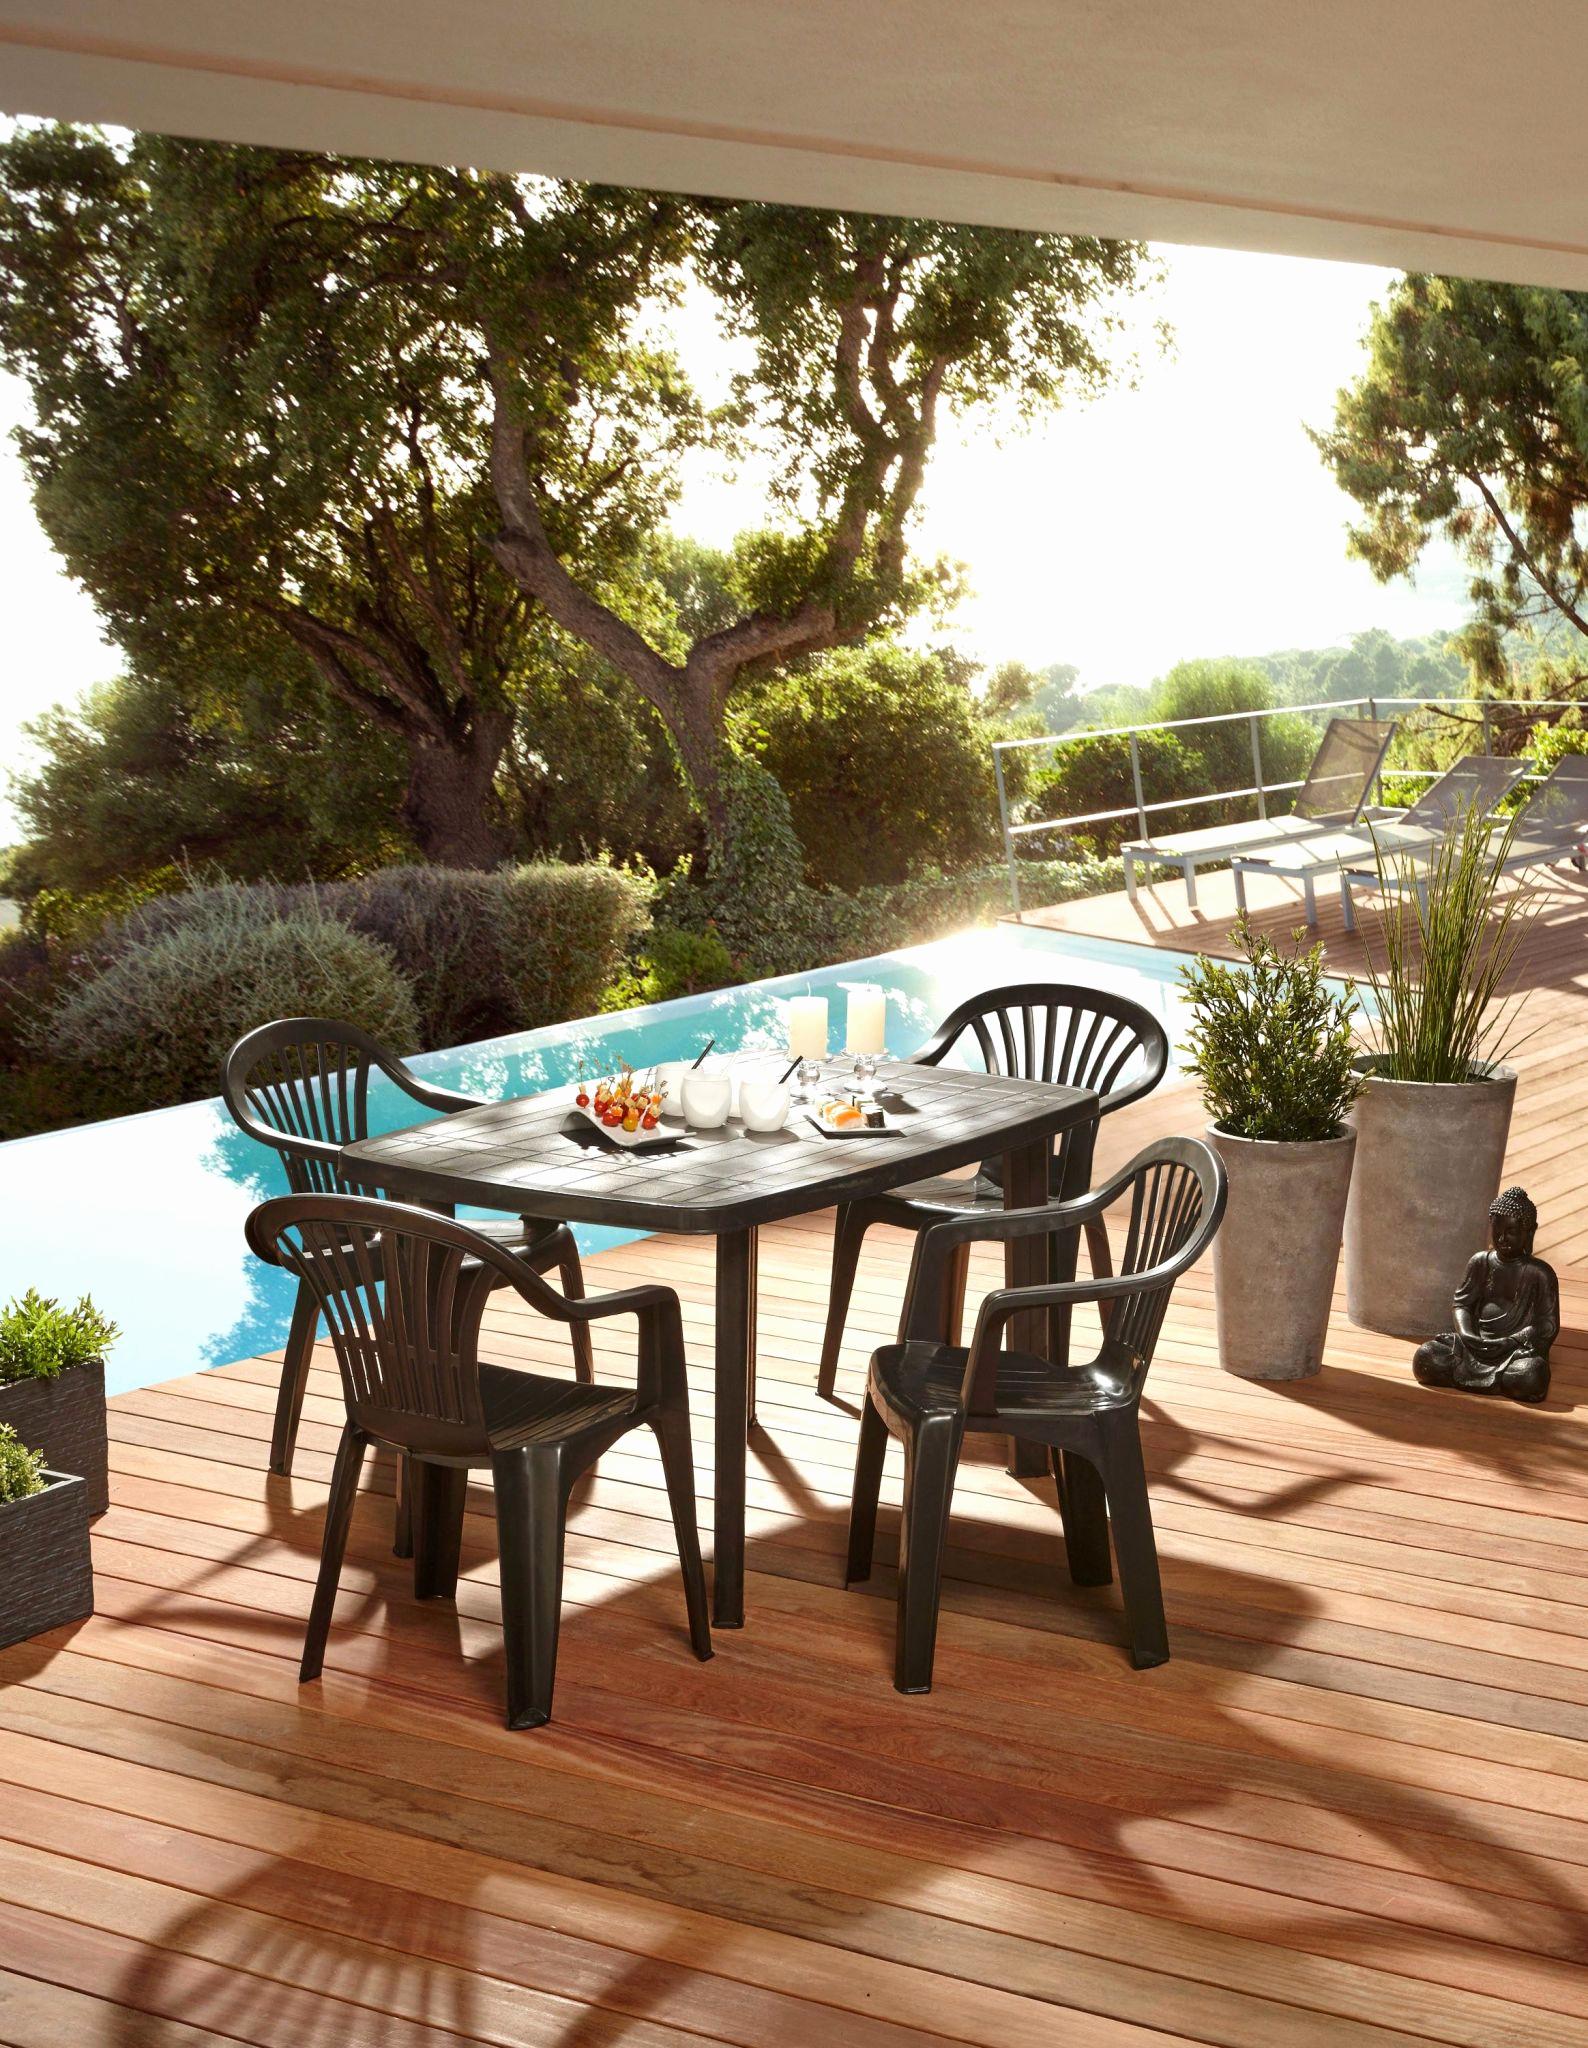 banc en bois exterieur unique jardin mobilier exterieur aussi table banc jardin luxe banc jardin of banc en bois exterieur